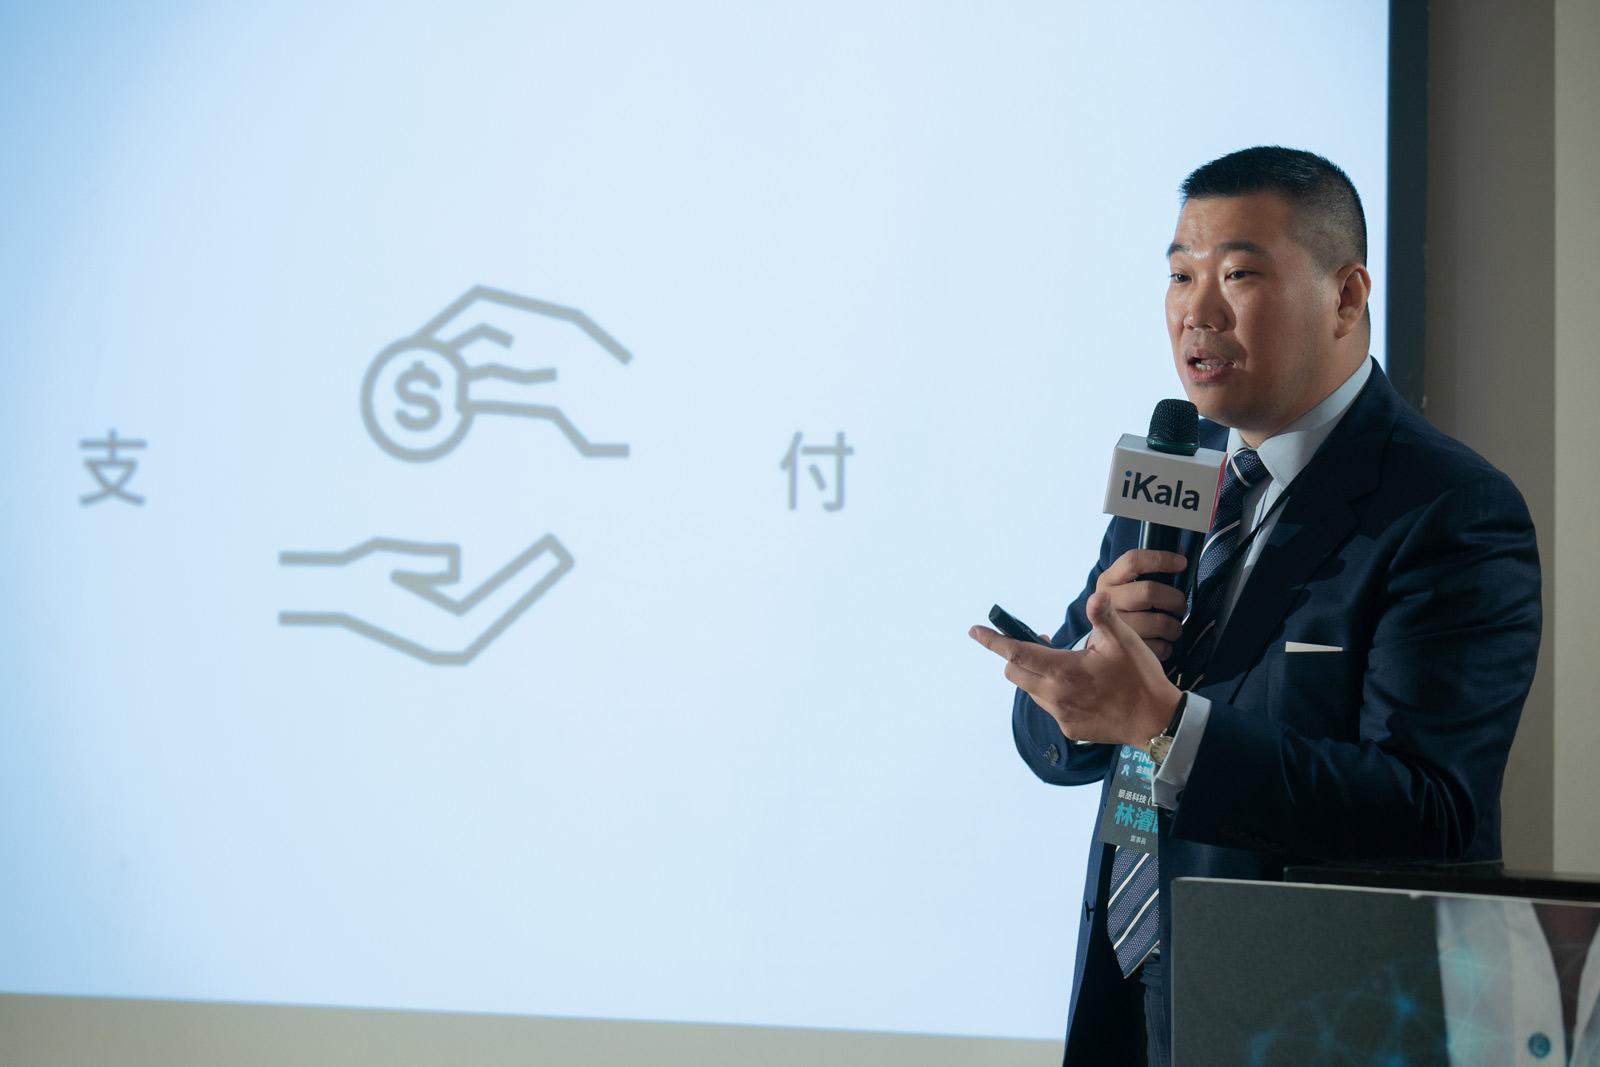 景丞科技董事長林濬暘對未來開放銀行的想像是:「金融業未來會科技化的輸出金融服務,同時生活場景也能科技化的去接受。」